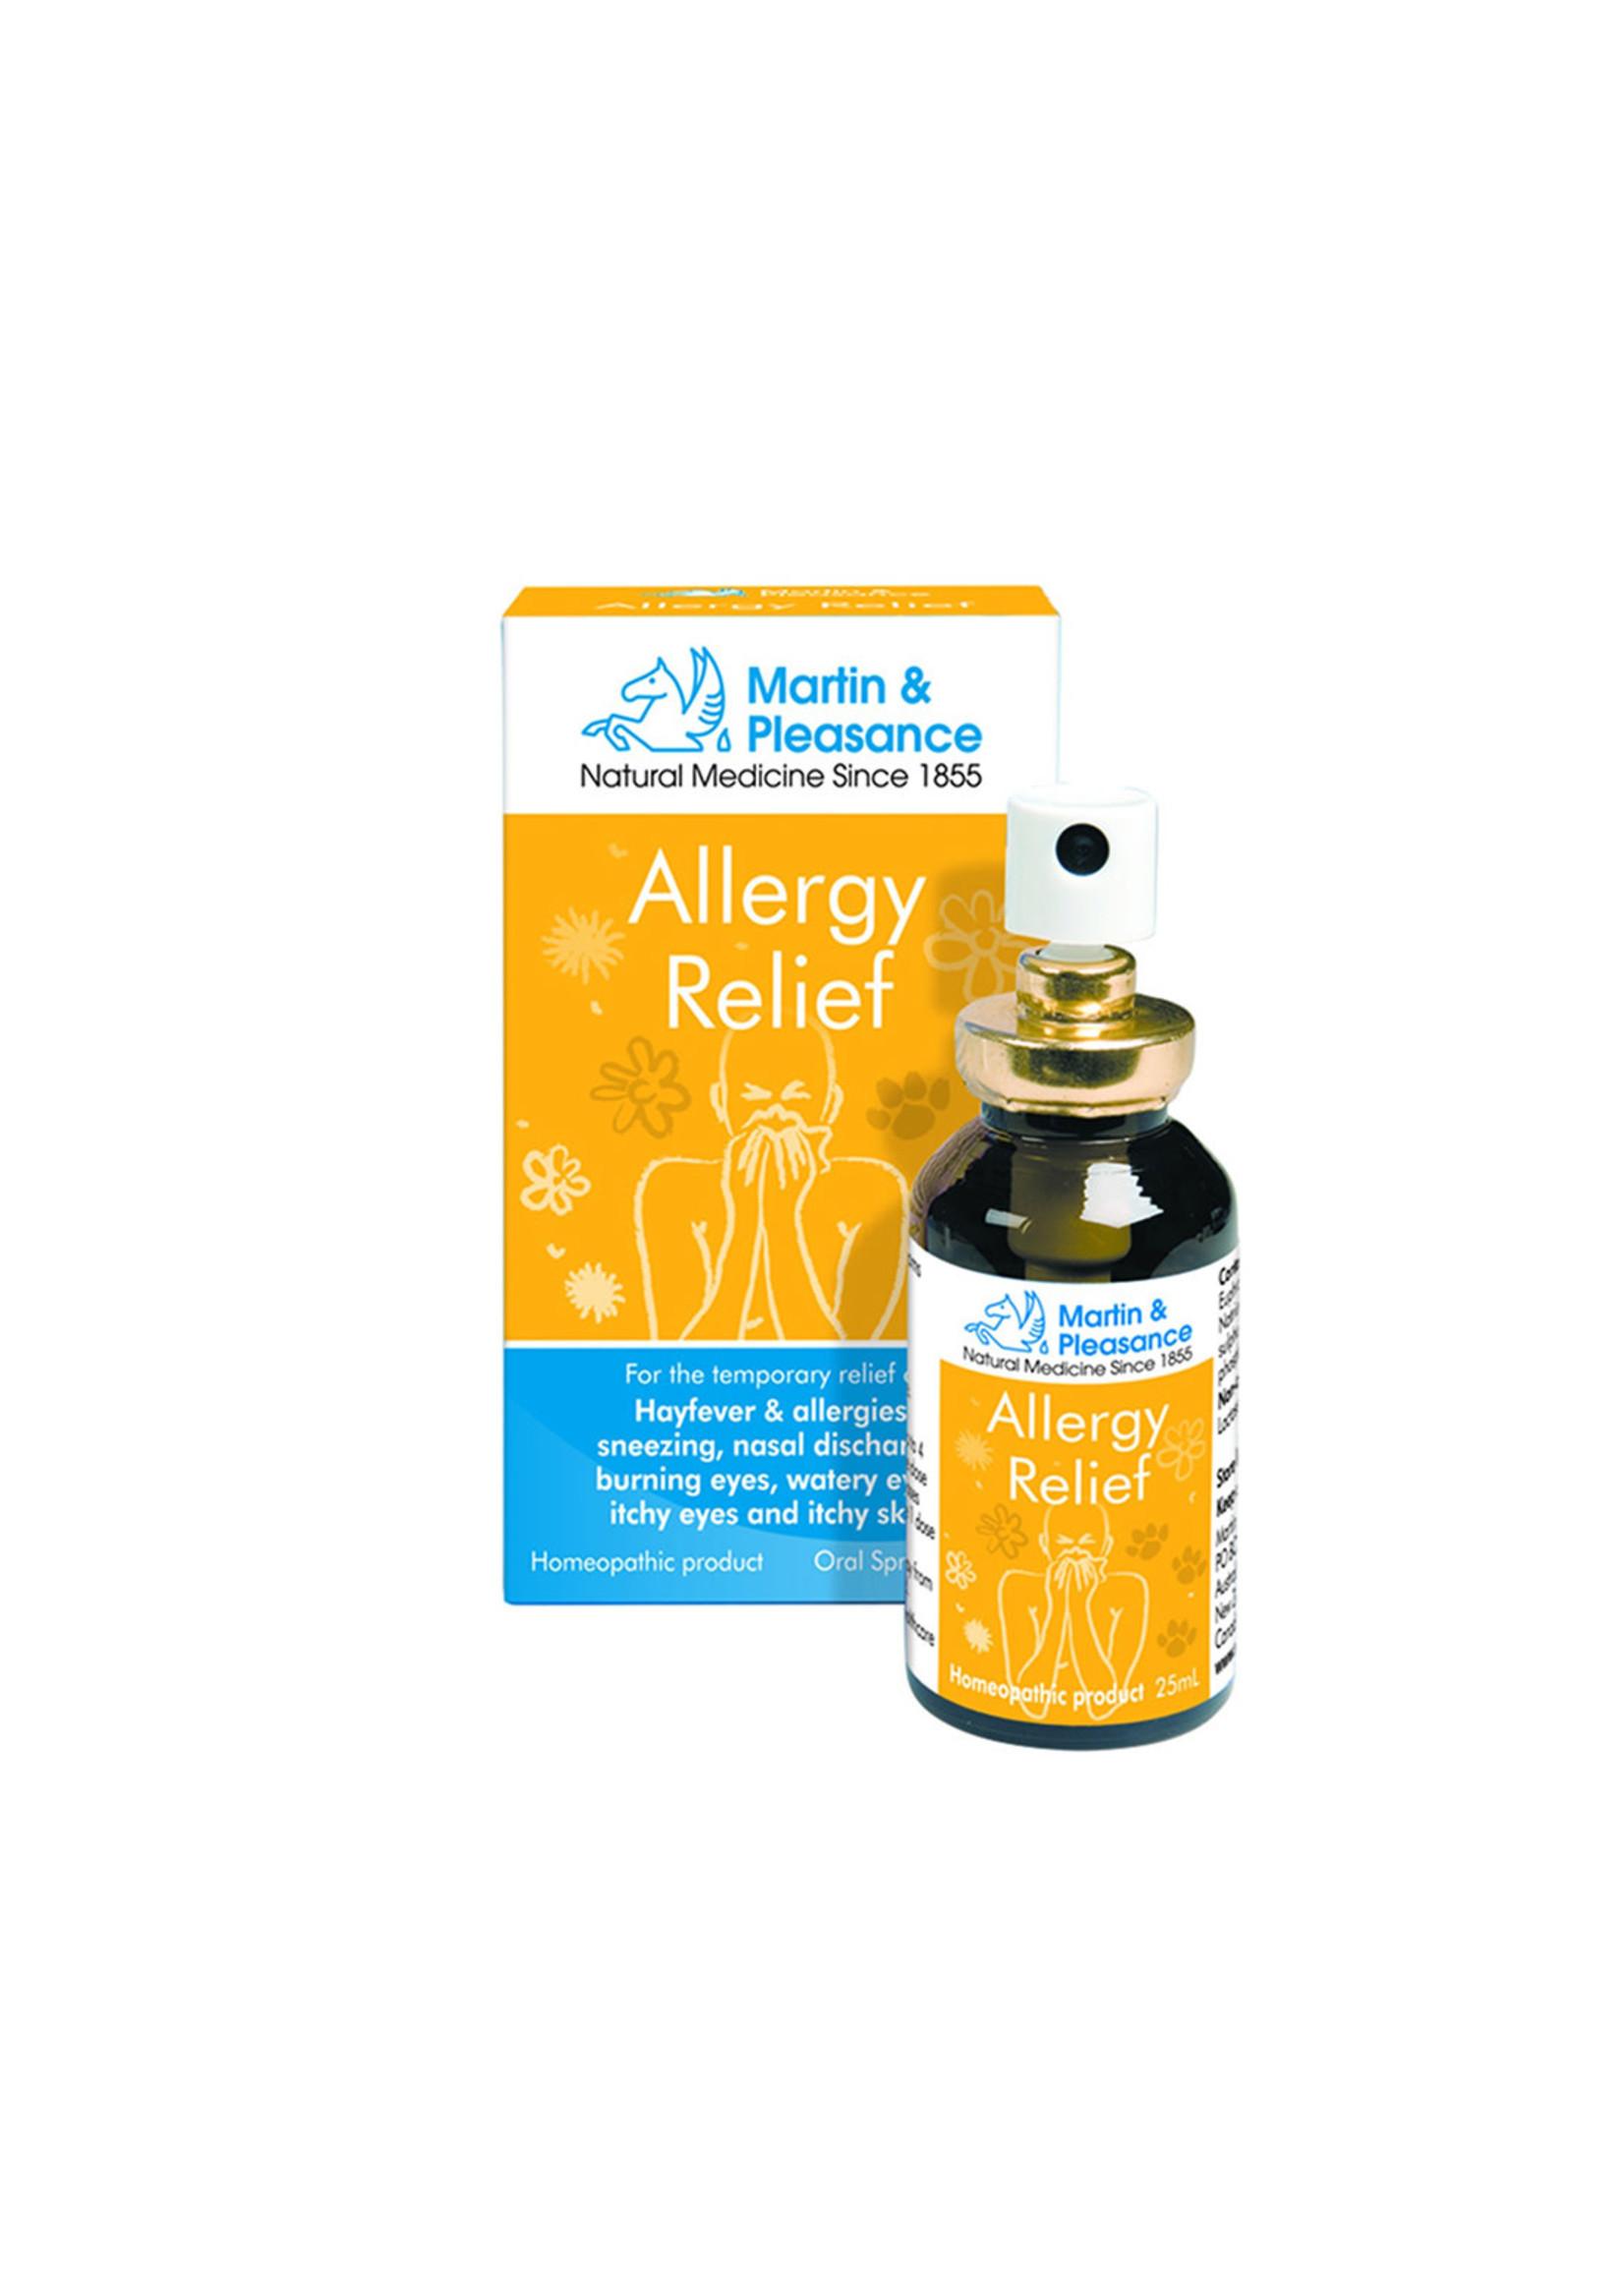 Martin & Pleasance Allergy Relief Oral Spray 25ml